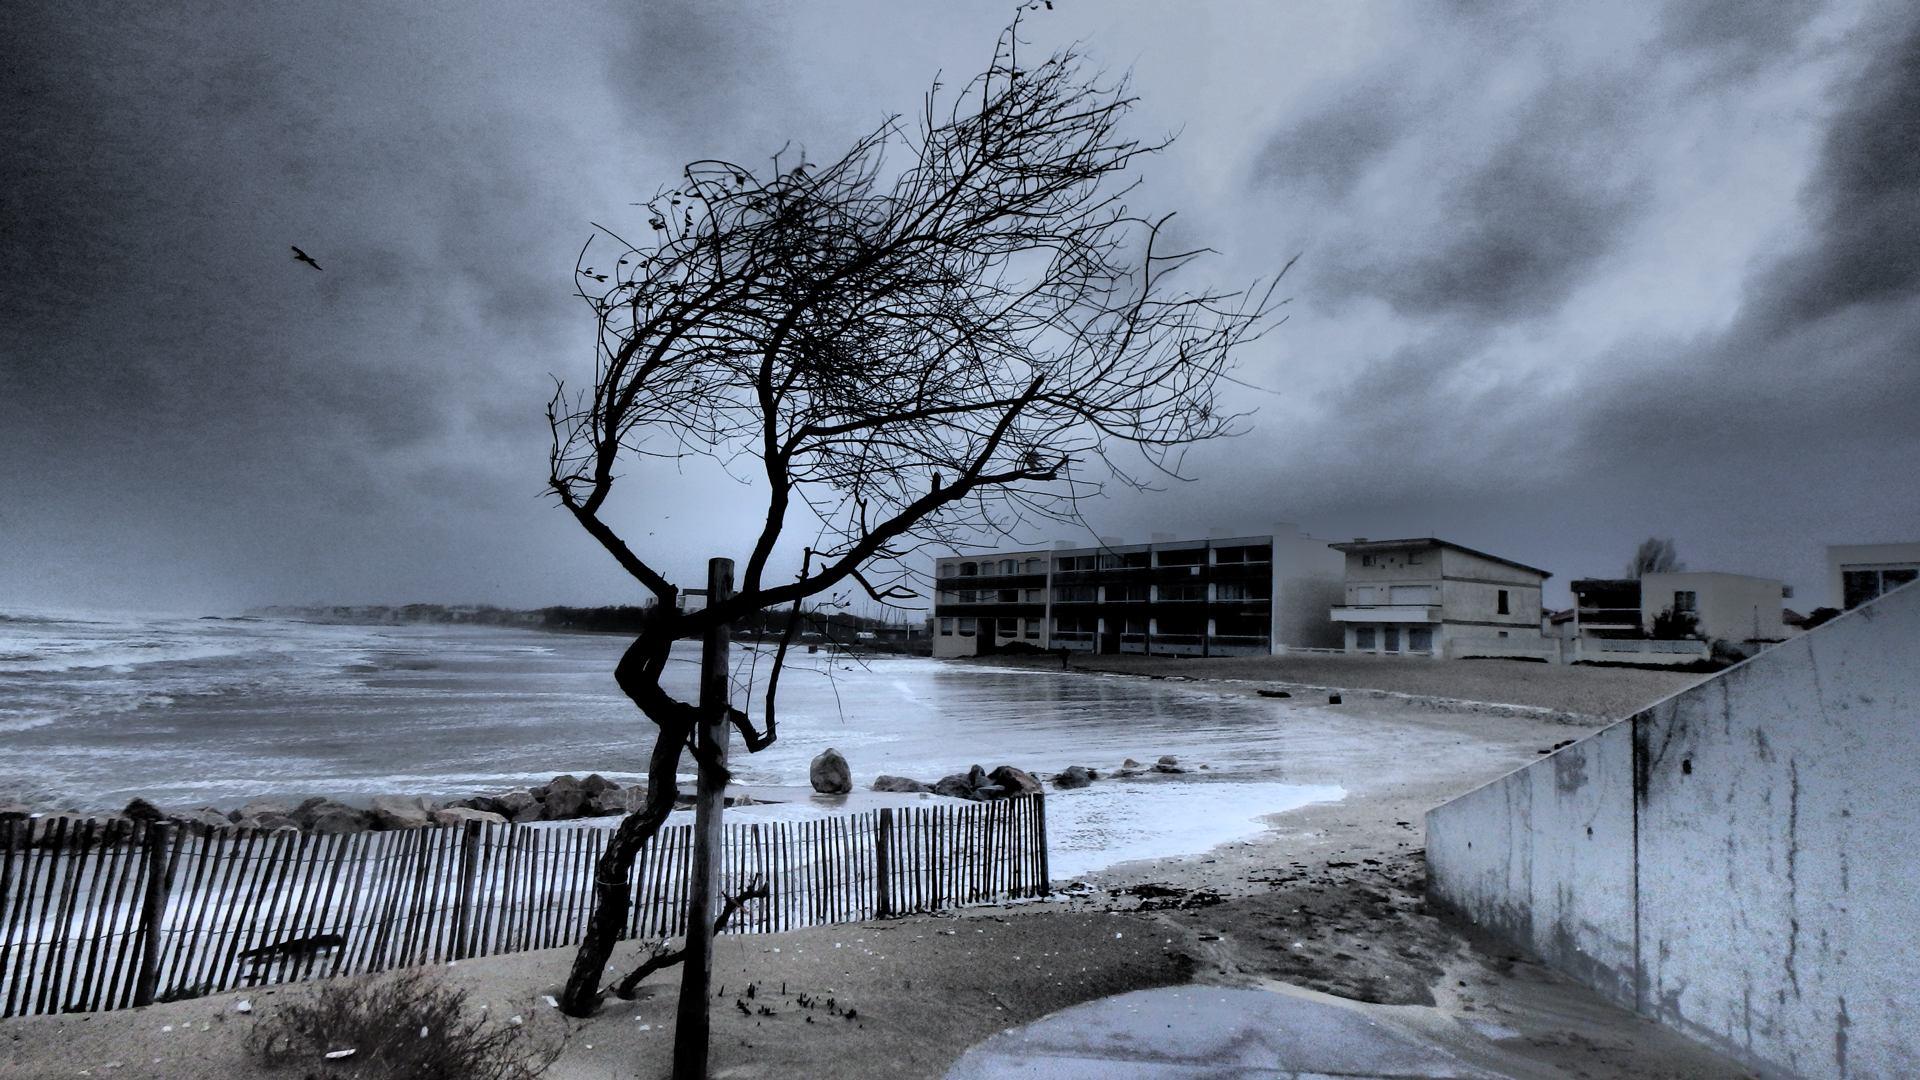 Bientot Waterworld.JPG